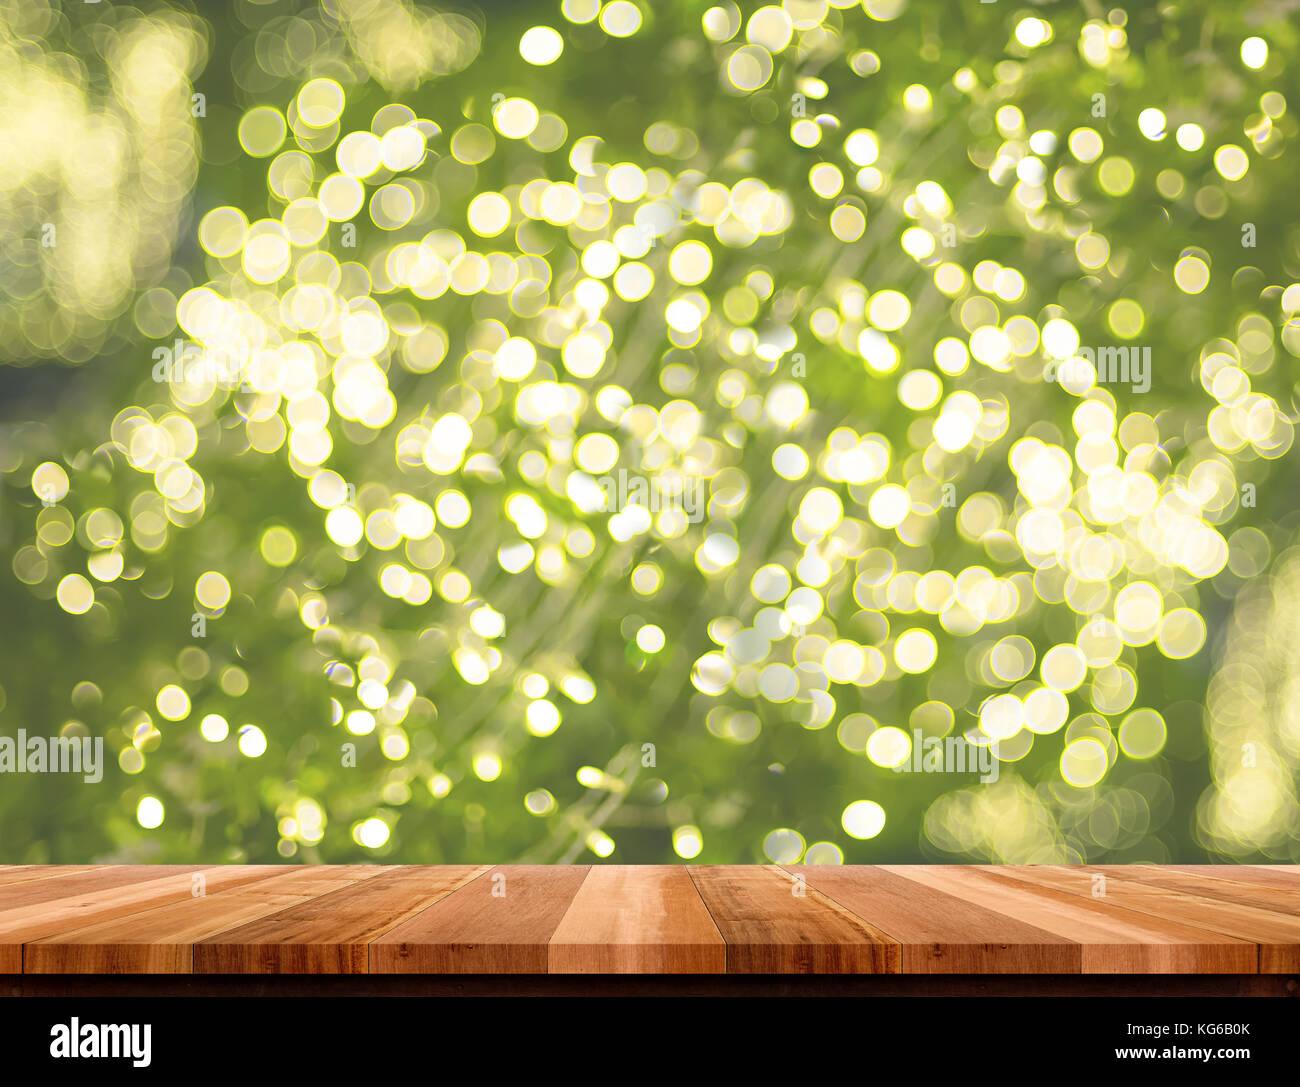 Ziemlich Leere Baum Vorlage Bilder - Beispielzusammenfassung Ideen ...